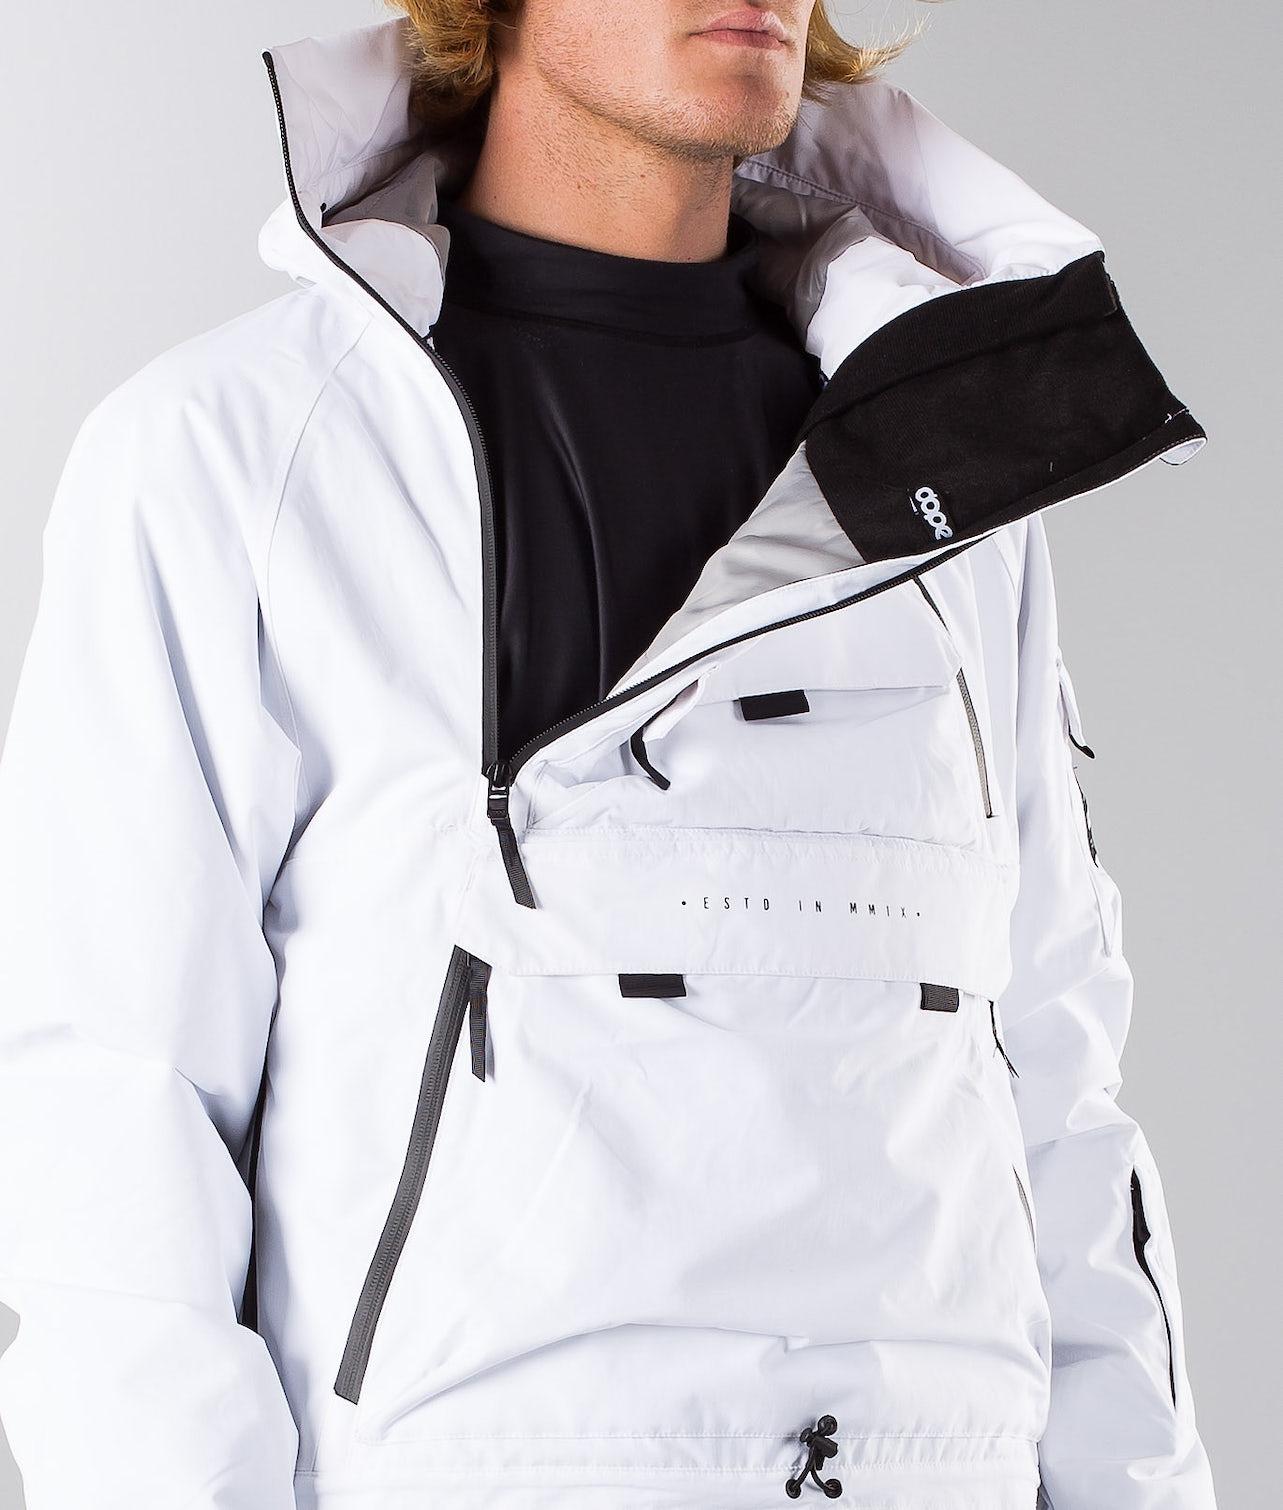 Köp Akin 18 Snowboardjacka från Dope på Ridestore.se Hos oss har du alltid fri frakt, fri retur och 30 dagar öppet köp!